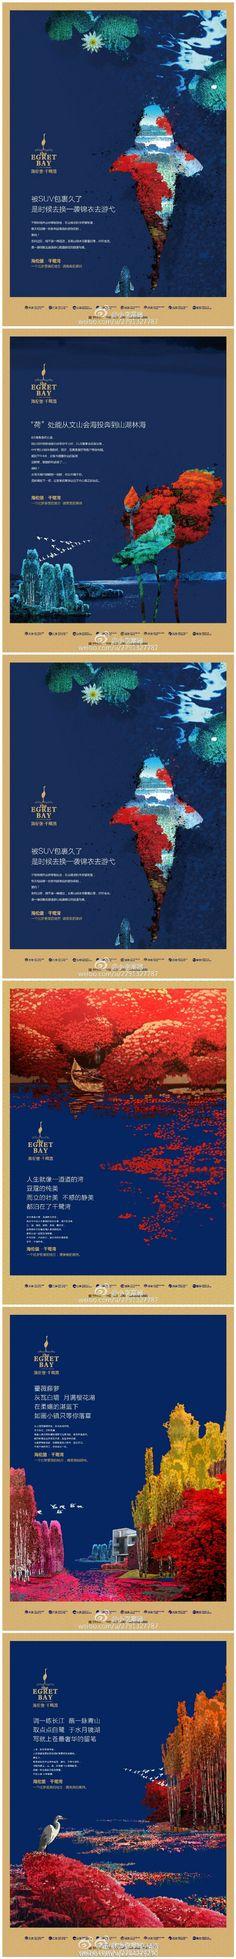 重庆房地产广告精选的照片 - 微相册@s...